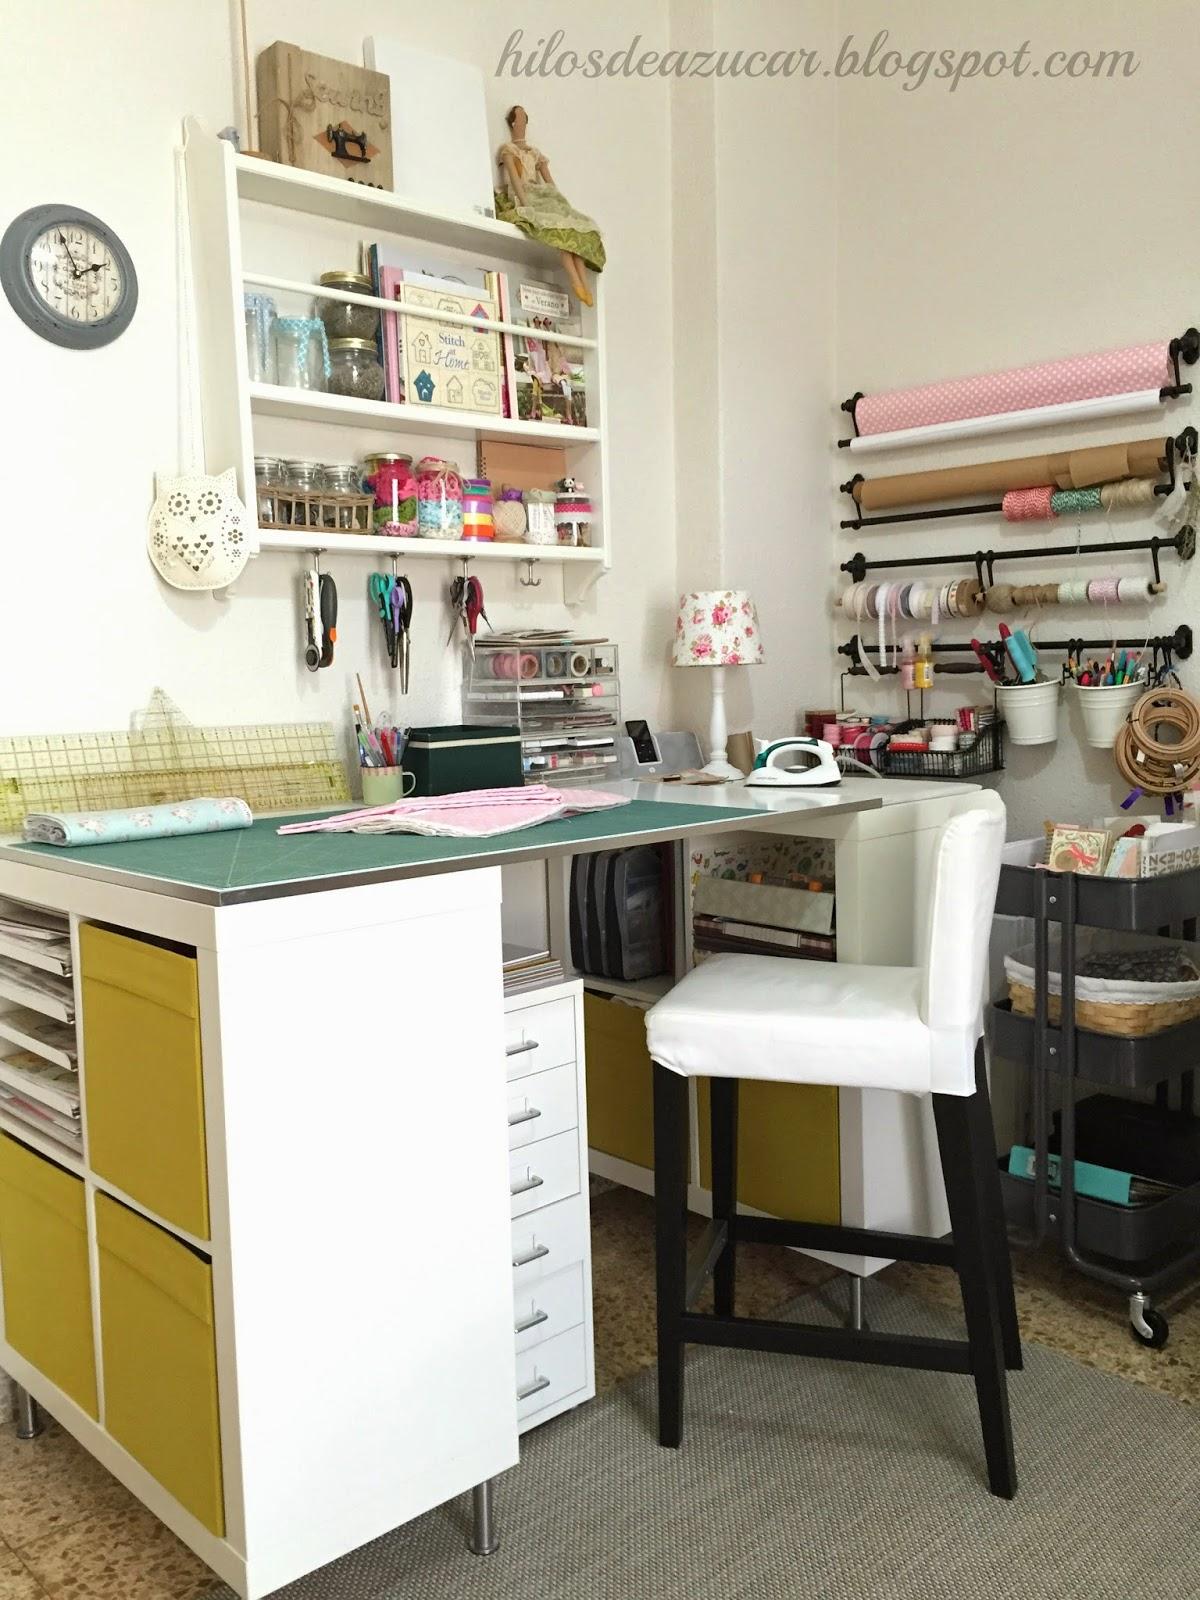 Hilos de az car mi habitaci n de costura craftroom o - Mesa para maquina de coser ikea ...